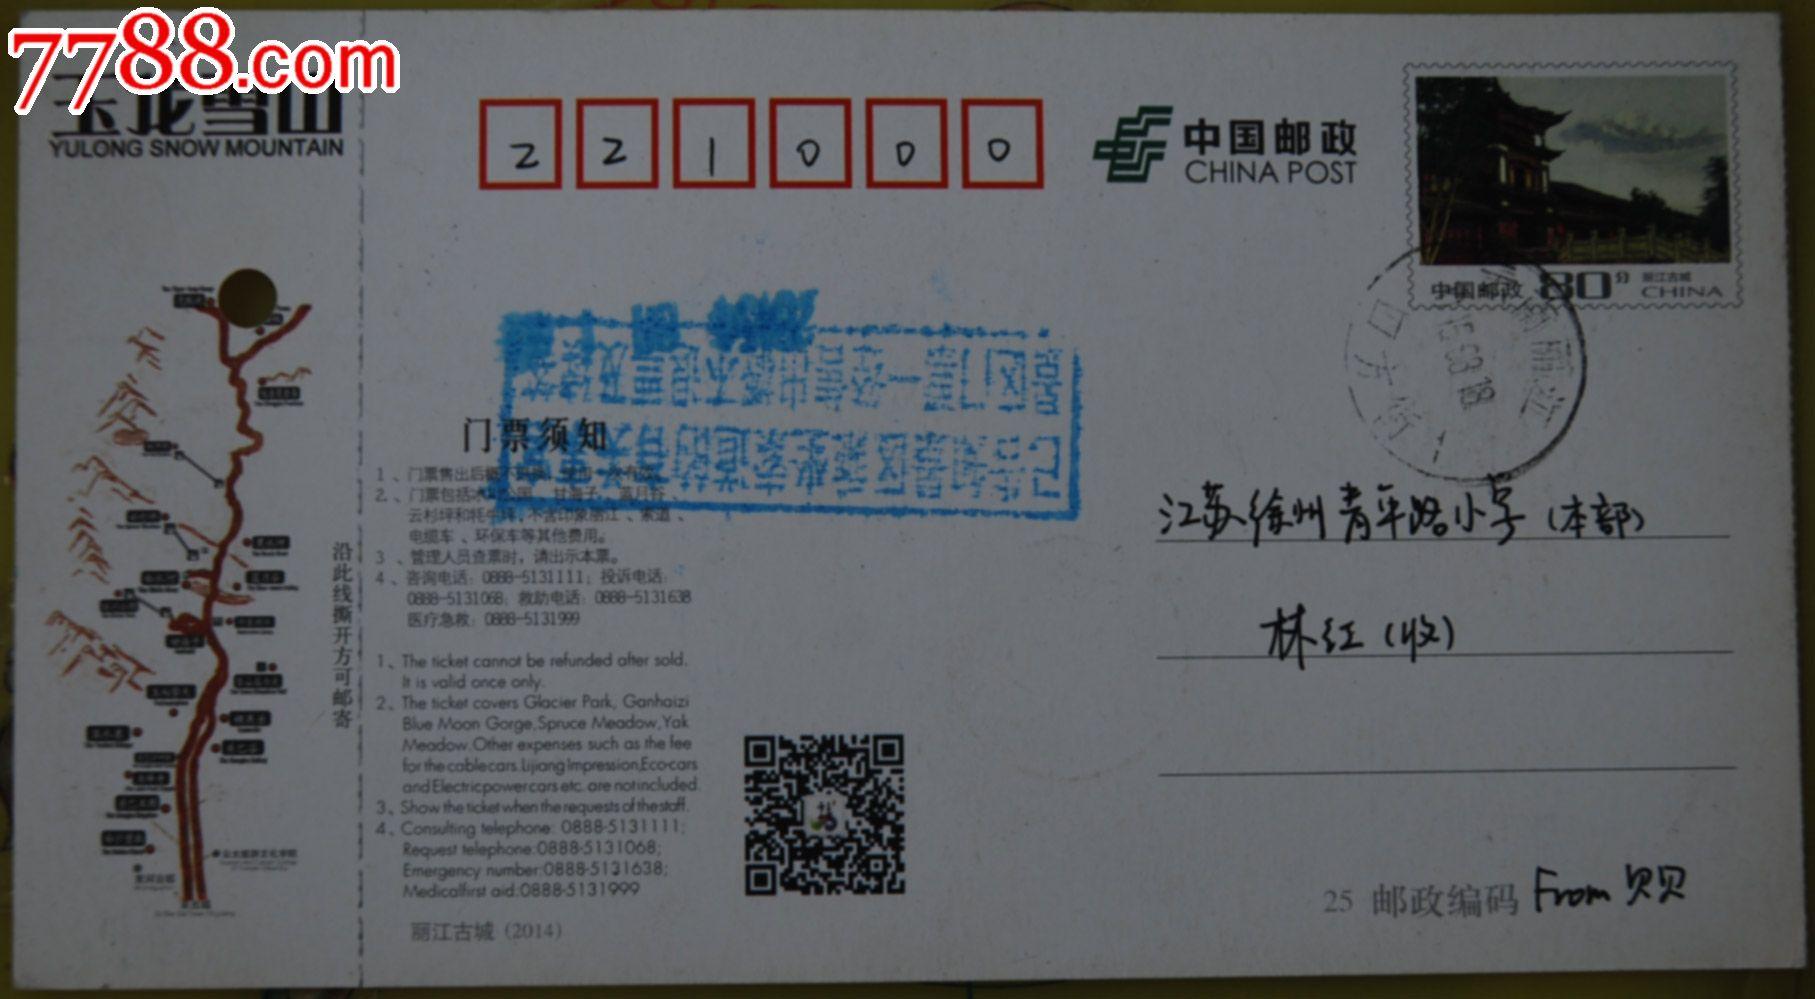 玉龙雪山明信片门票原地实寄15年